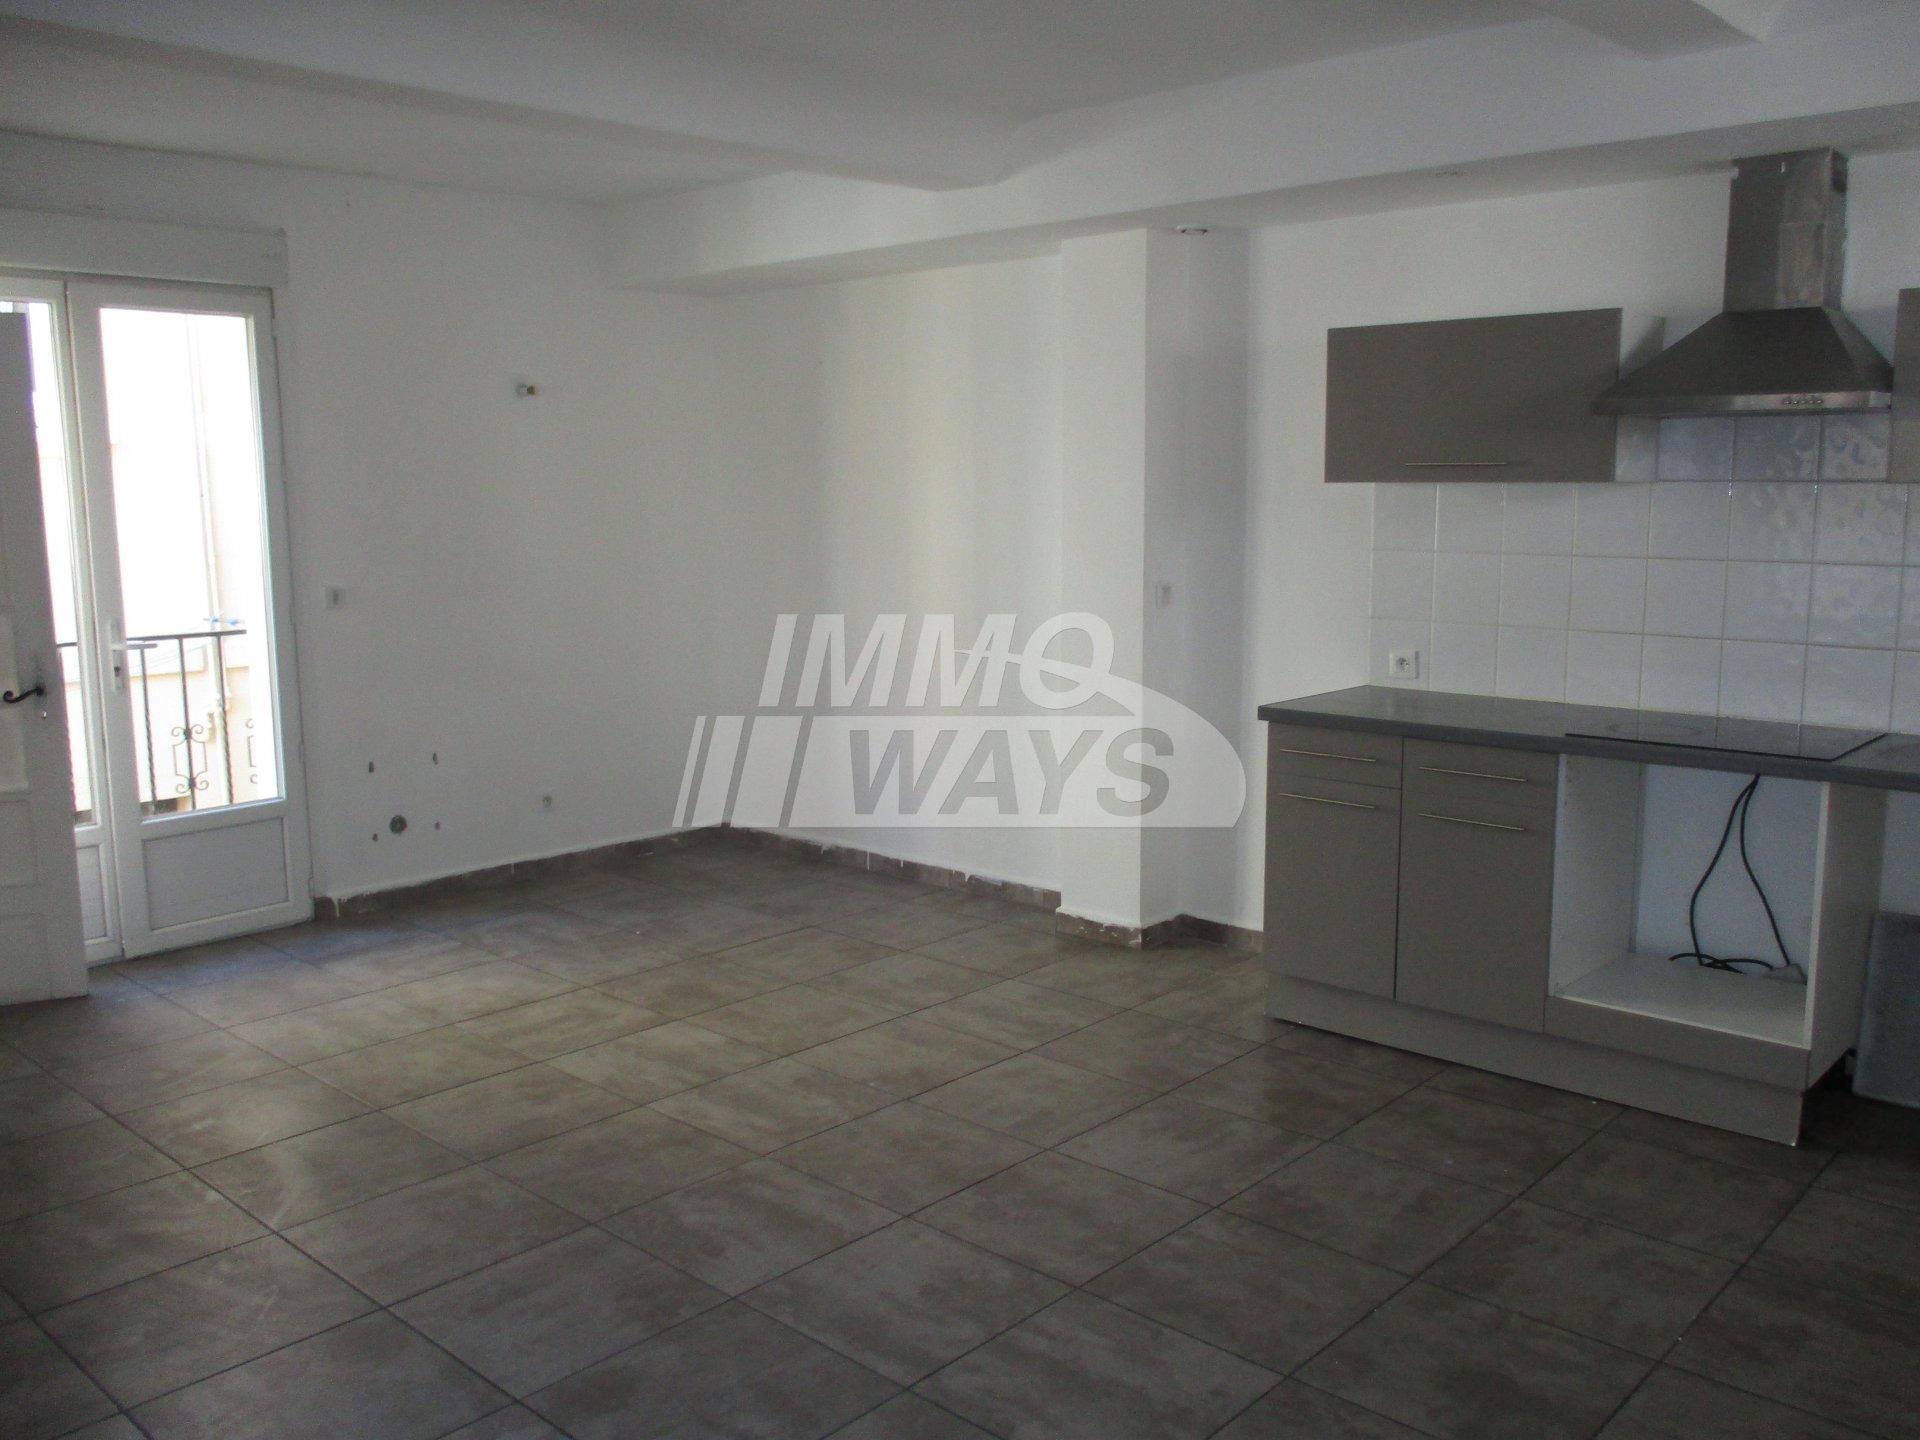 Vente Maison / Villa Perpignan - 3 pièces - 79 m²